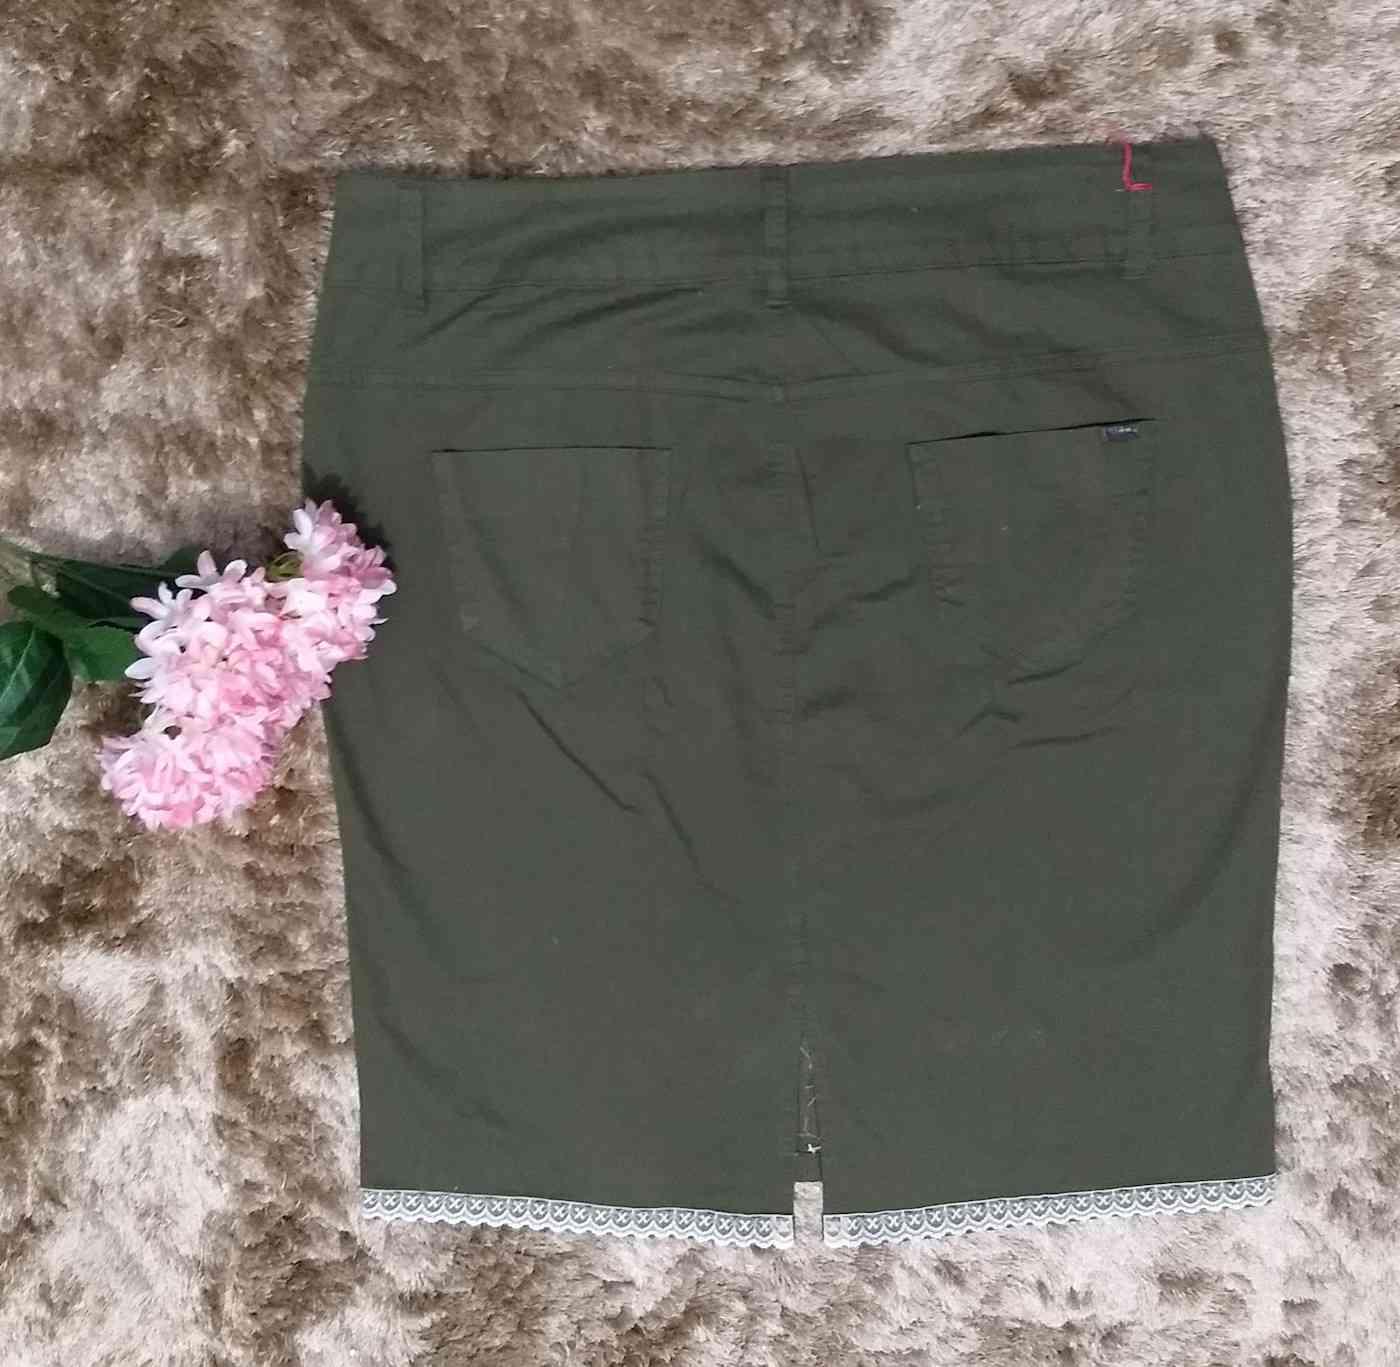 Saia jeans collor com bordado no bolsos e barra.